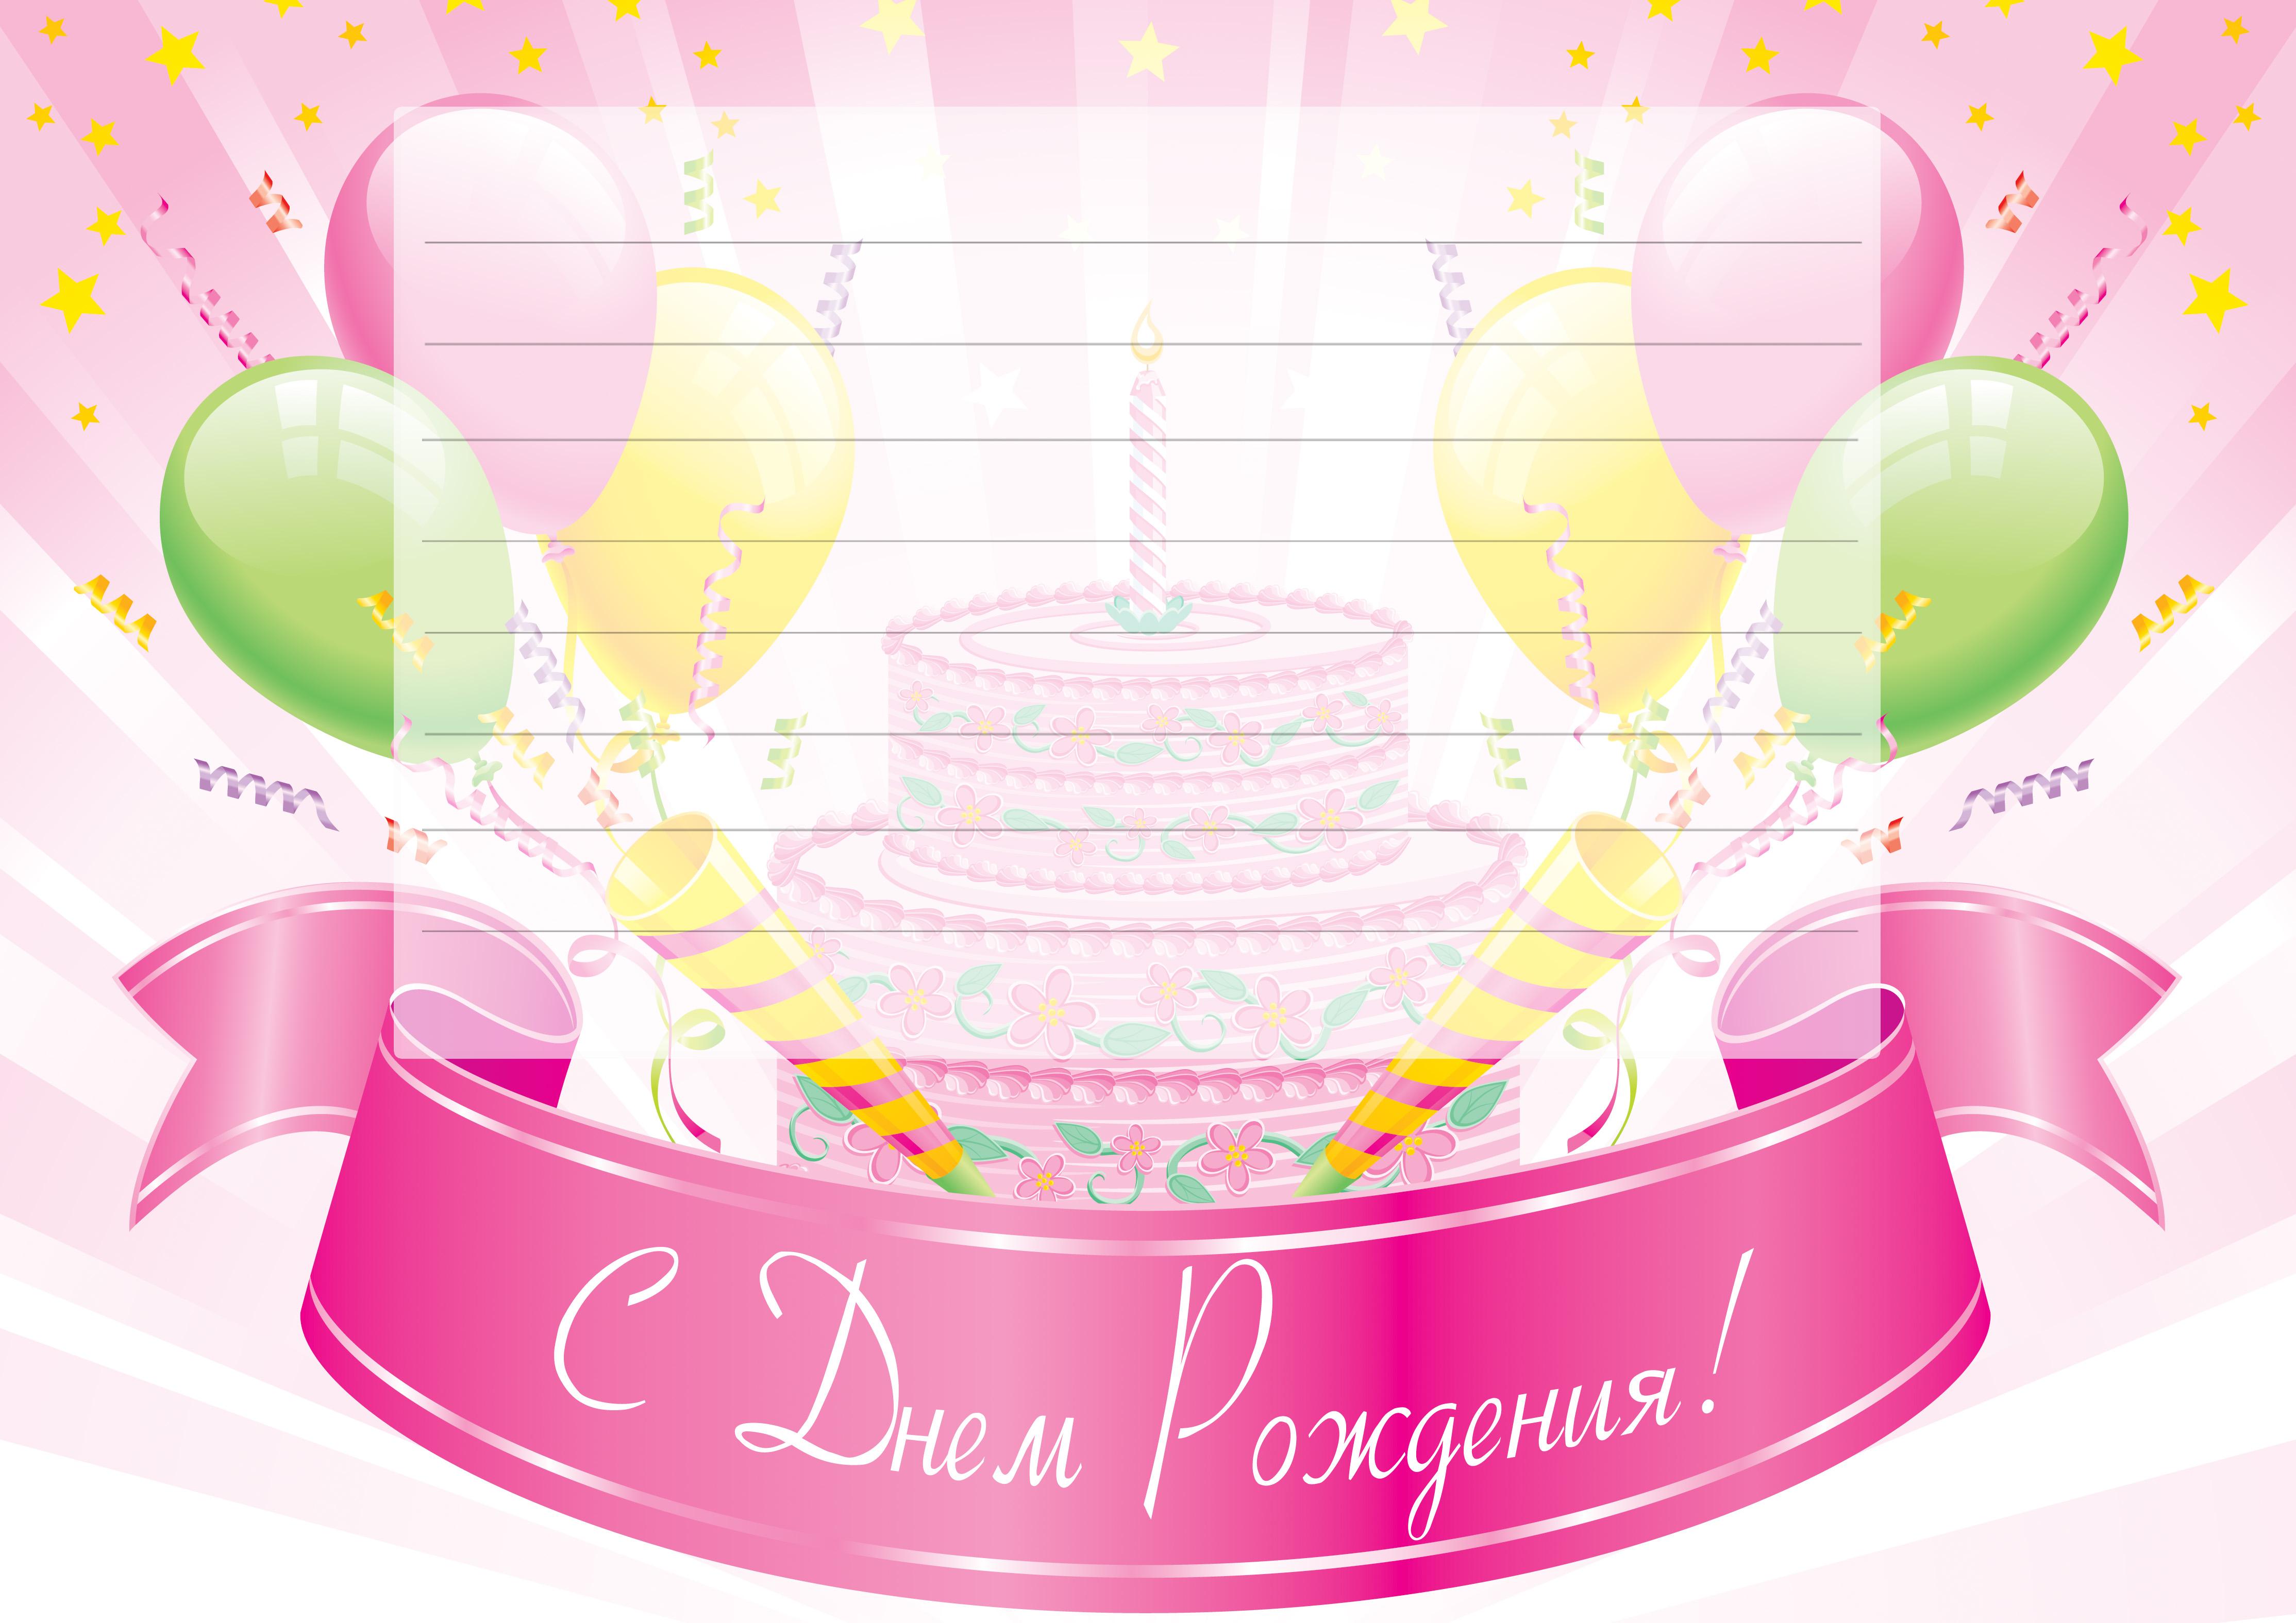 Днем рожденья, создать открытку на день рождения и распечатать